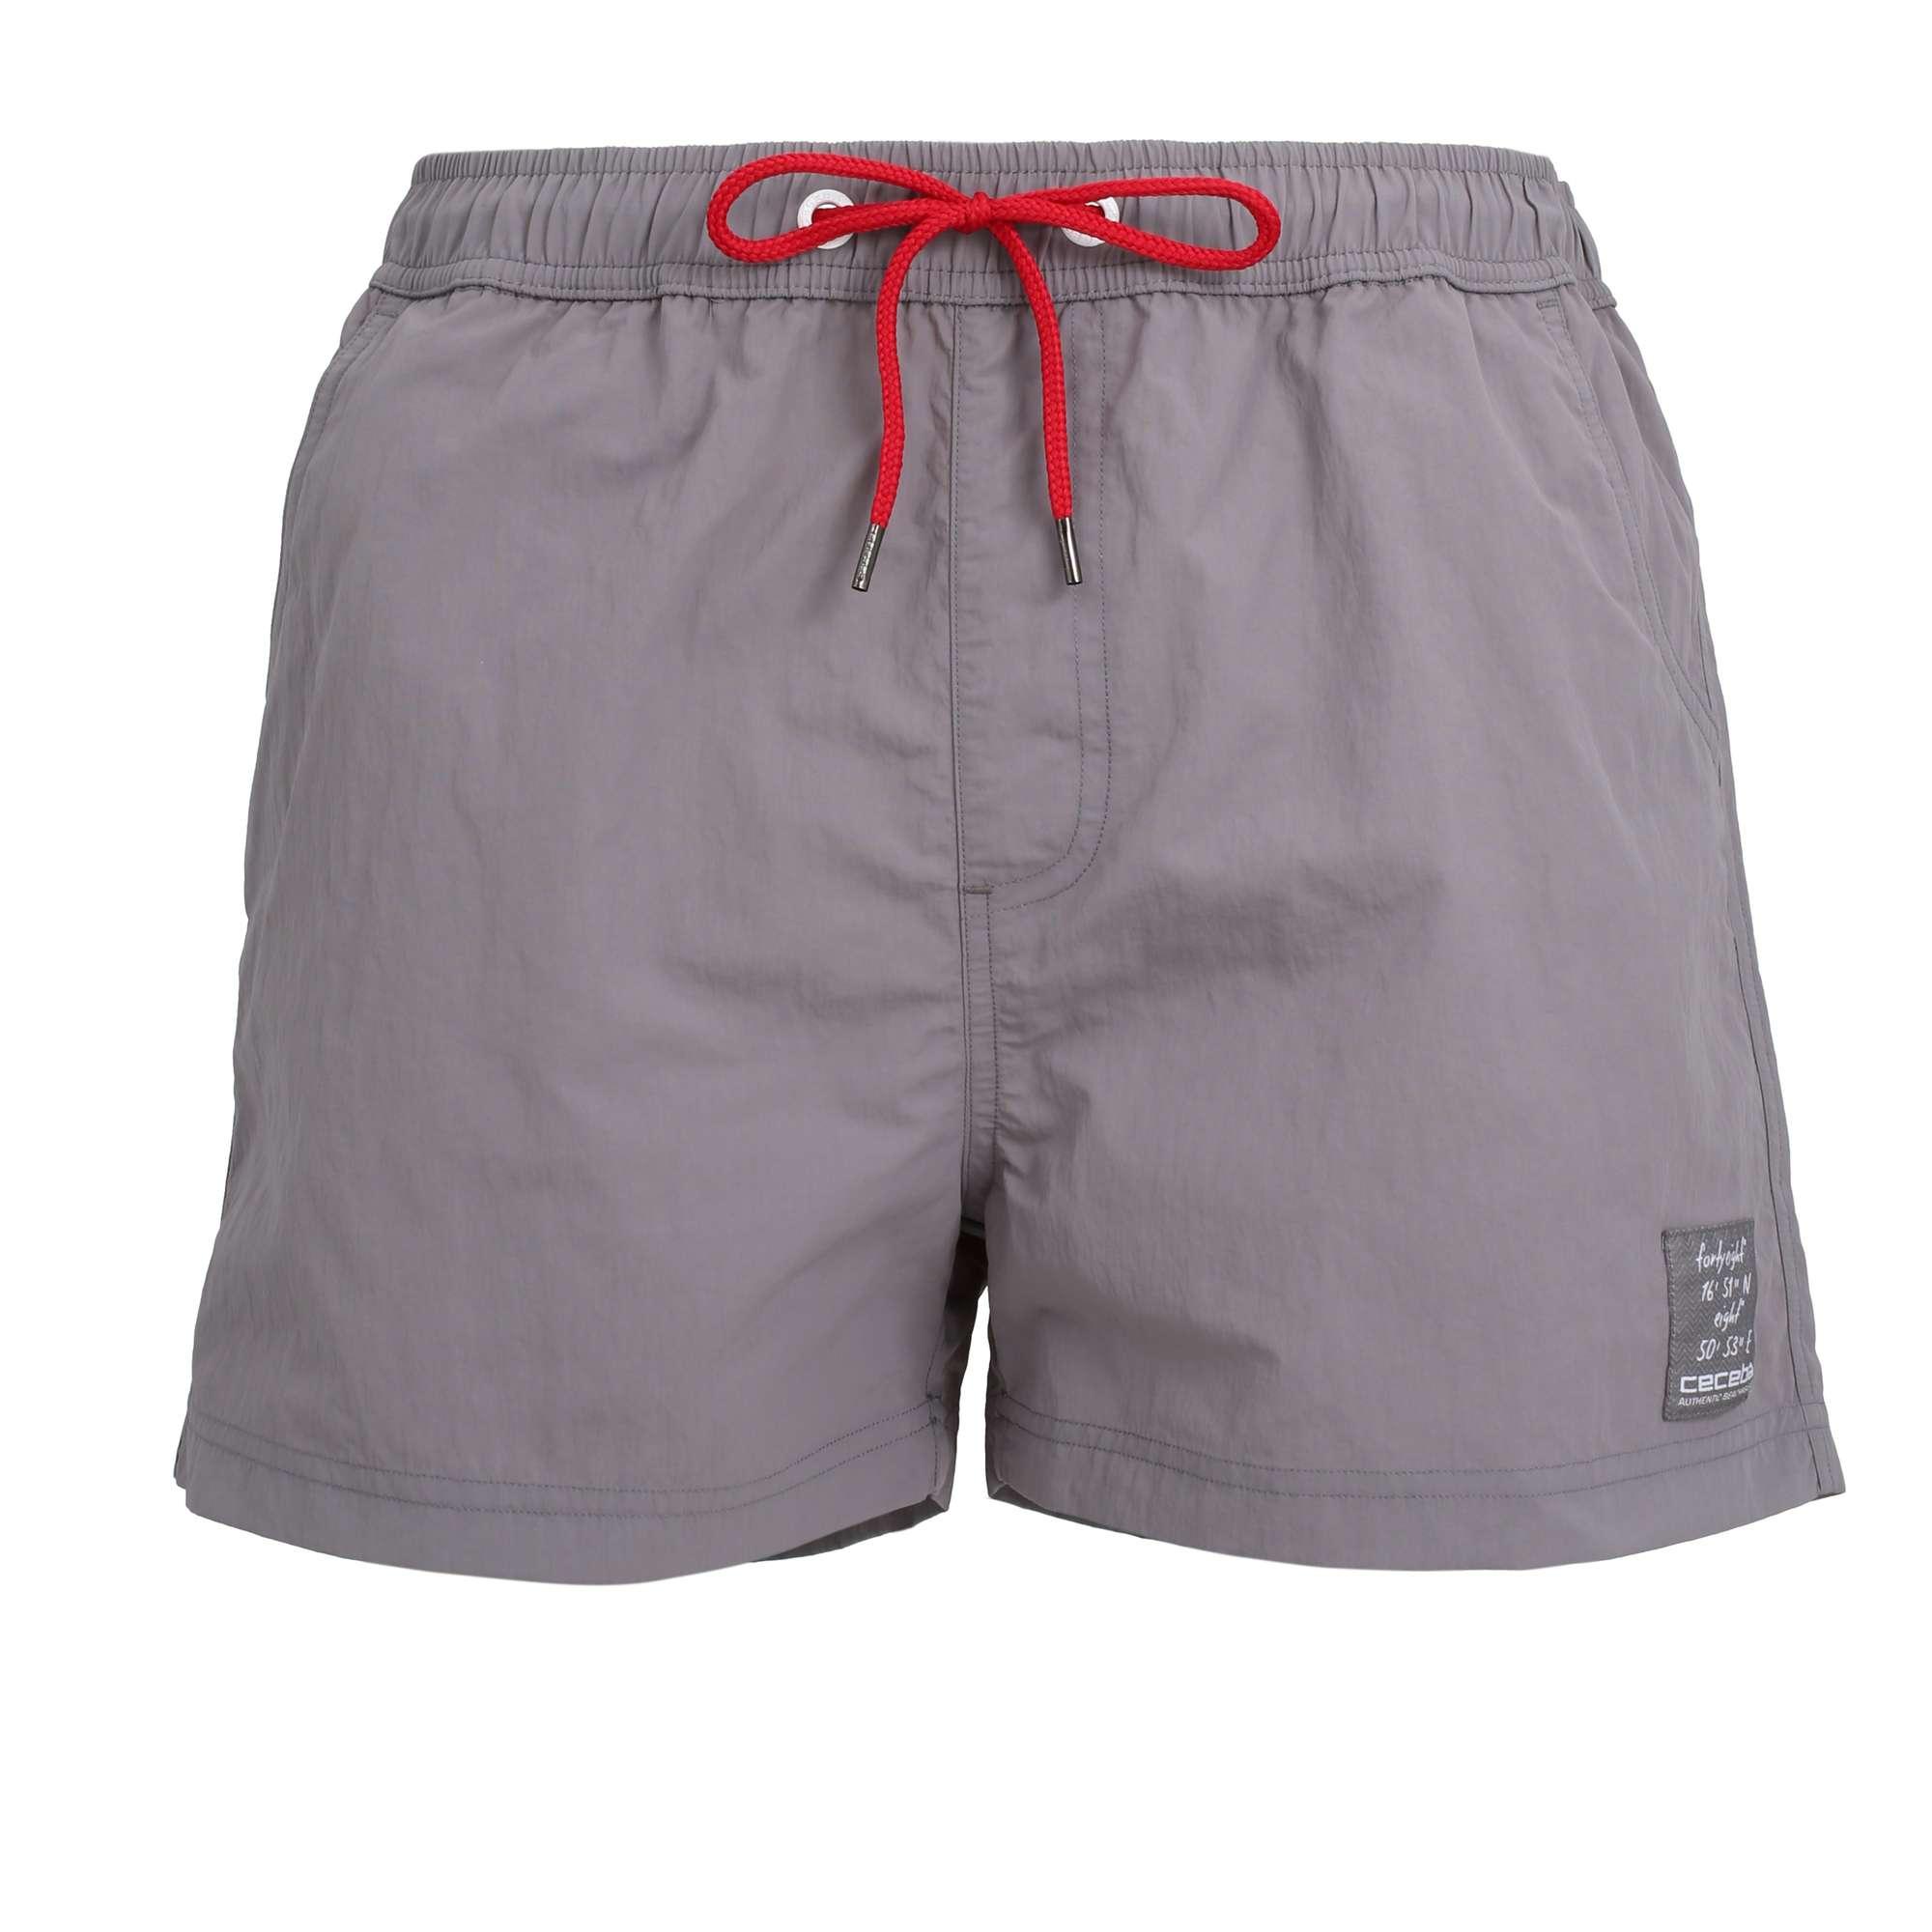 d397676857a6c7 Unterwäsche CECEBA Herren Slip Übergröße 3XL blau 2 Stück Neu Kleidung &  Accessoires